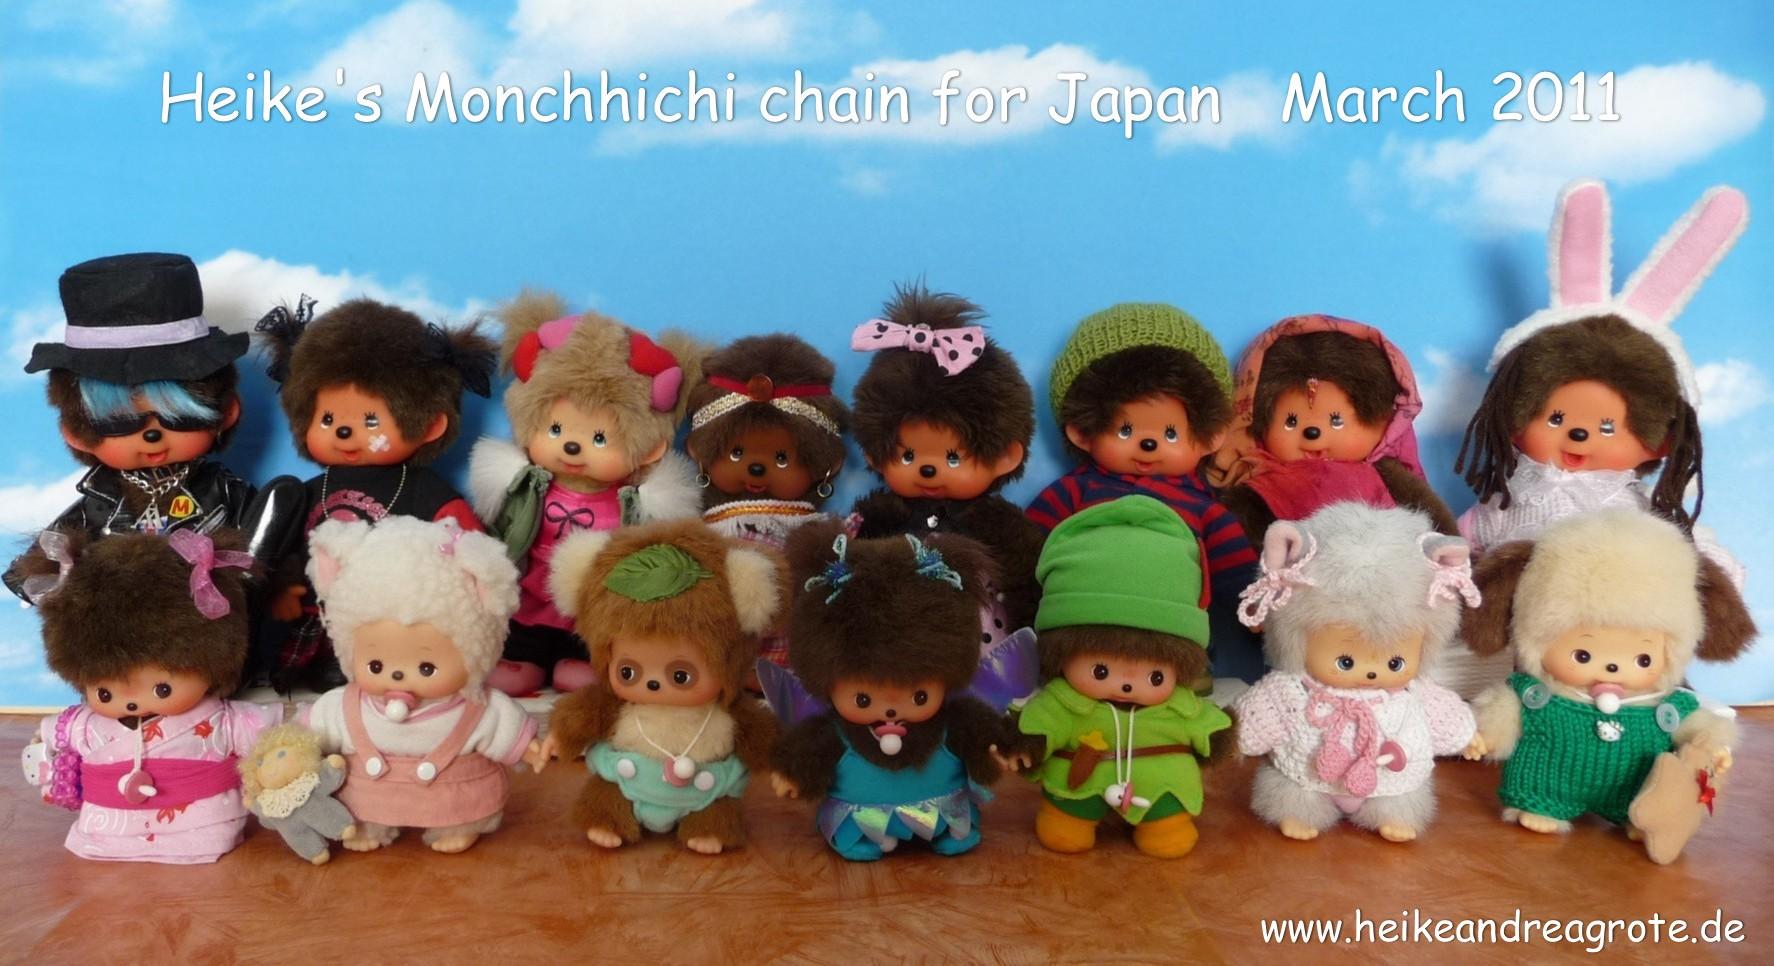 Heike's World of Monchhichi